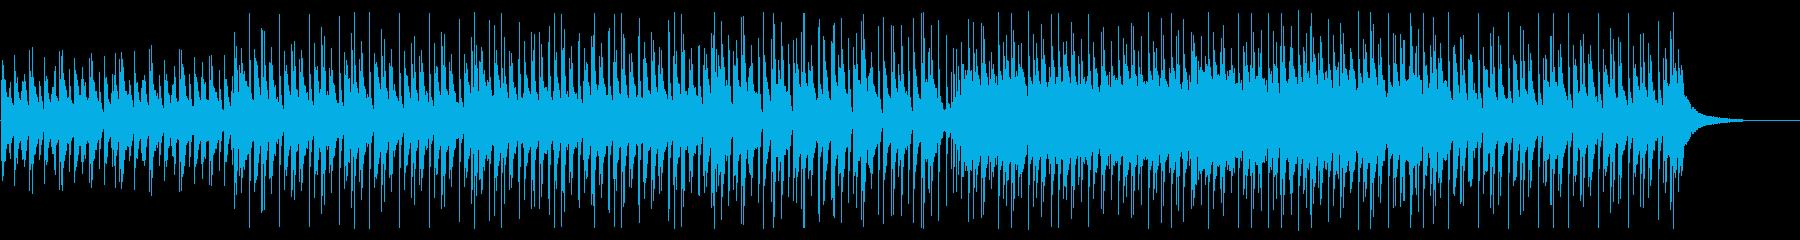 軽快でわくわくするアコースティックポップの再生済みの波形